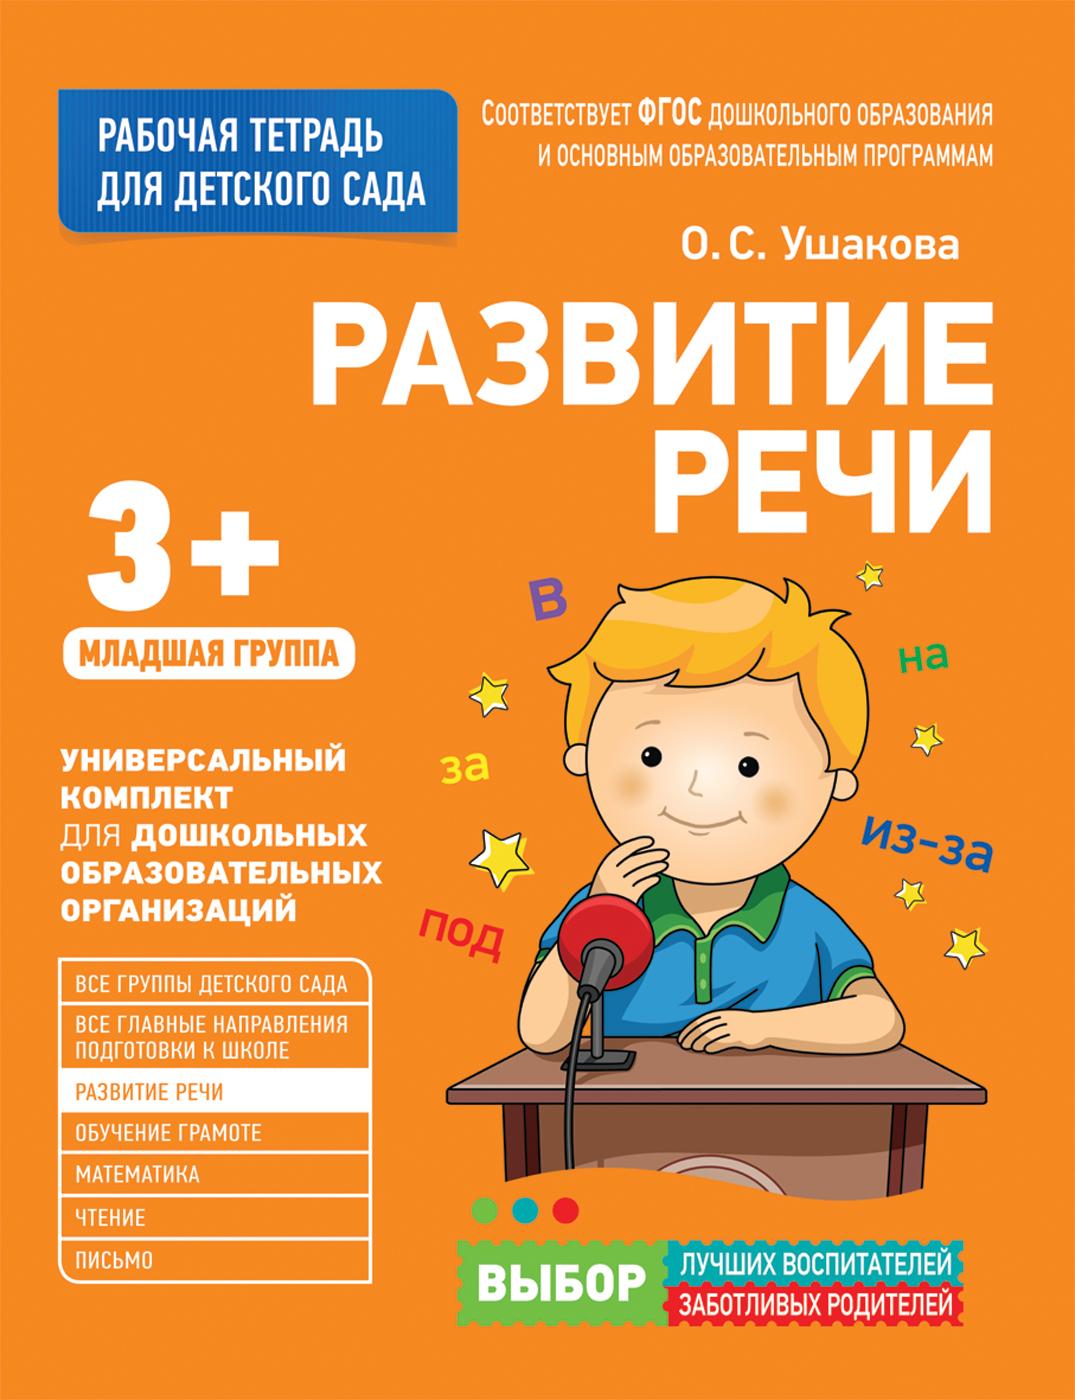 Рабочая тетрадь для детского сада. Развитие речи. Младшая группаОбучающие книги и задания<br>Рабочая тетрадь для детского сада. Развитие речи. Младшая группа<br>